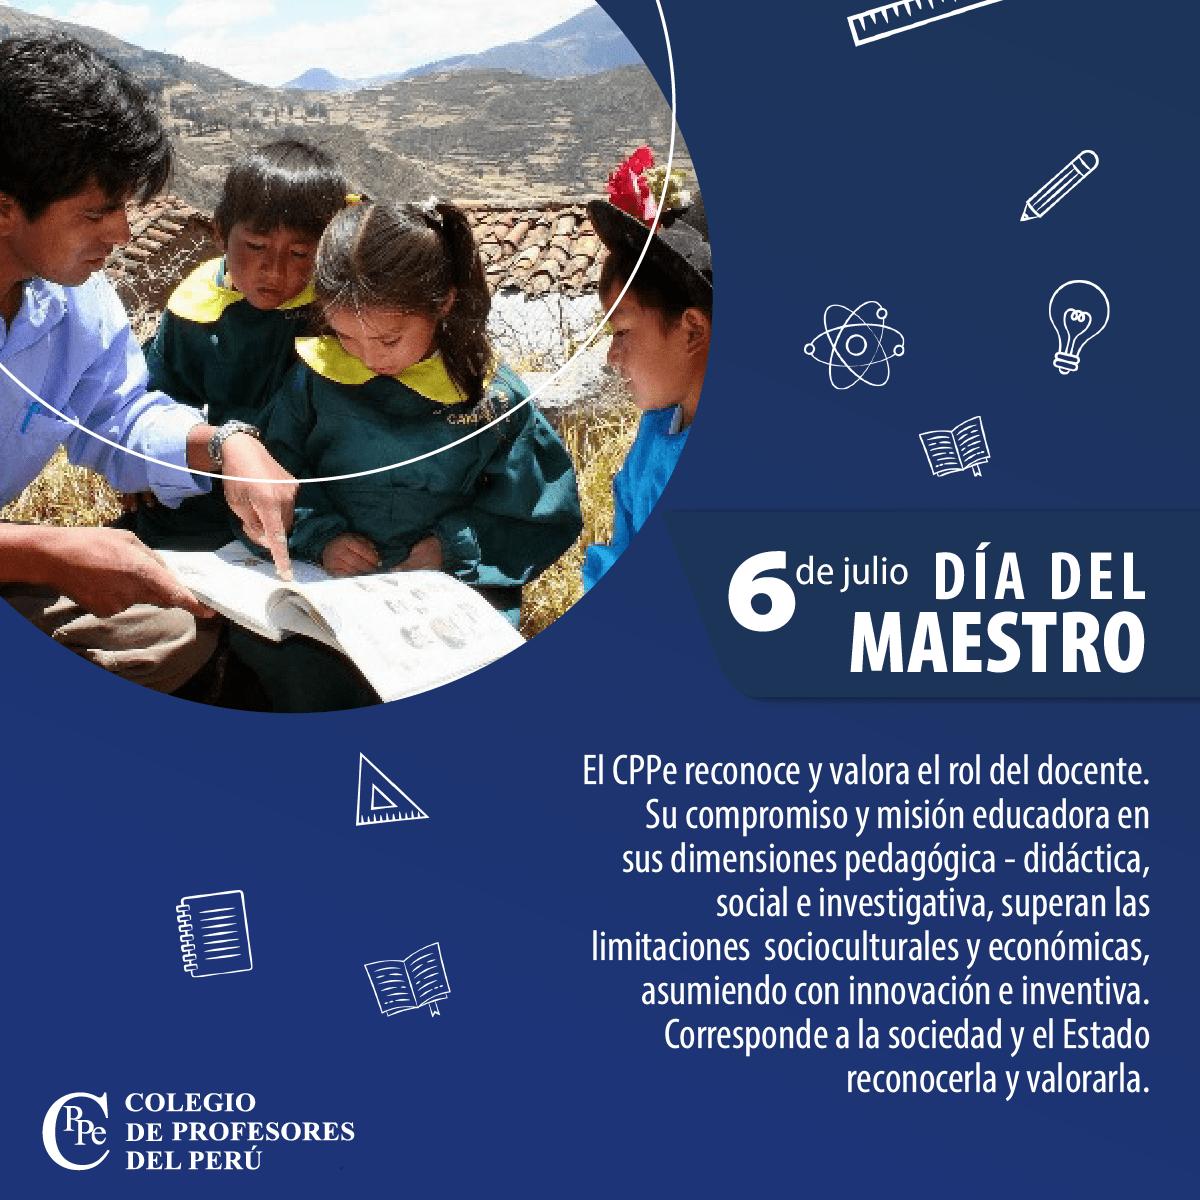 Los maestros del Perú se reinventaron para asumir su rol educador y merecen ser reconocidos y valorados por la sociedad y el Estado